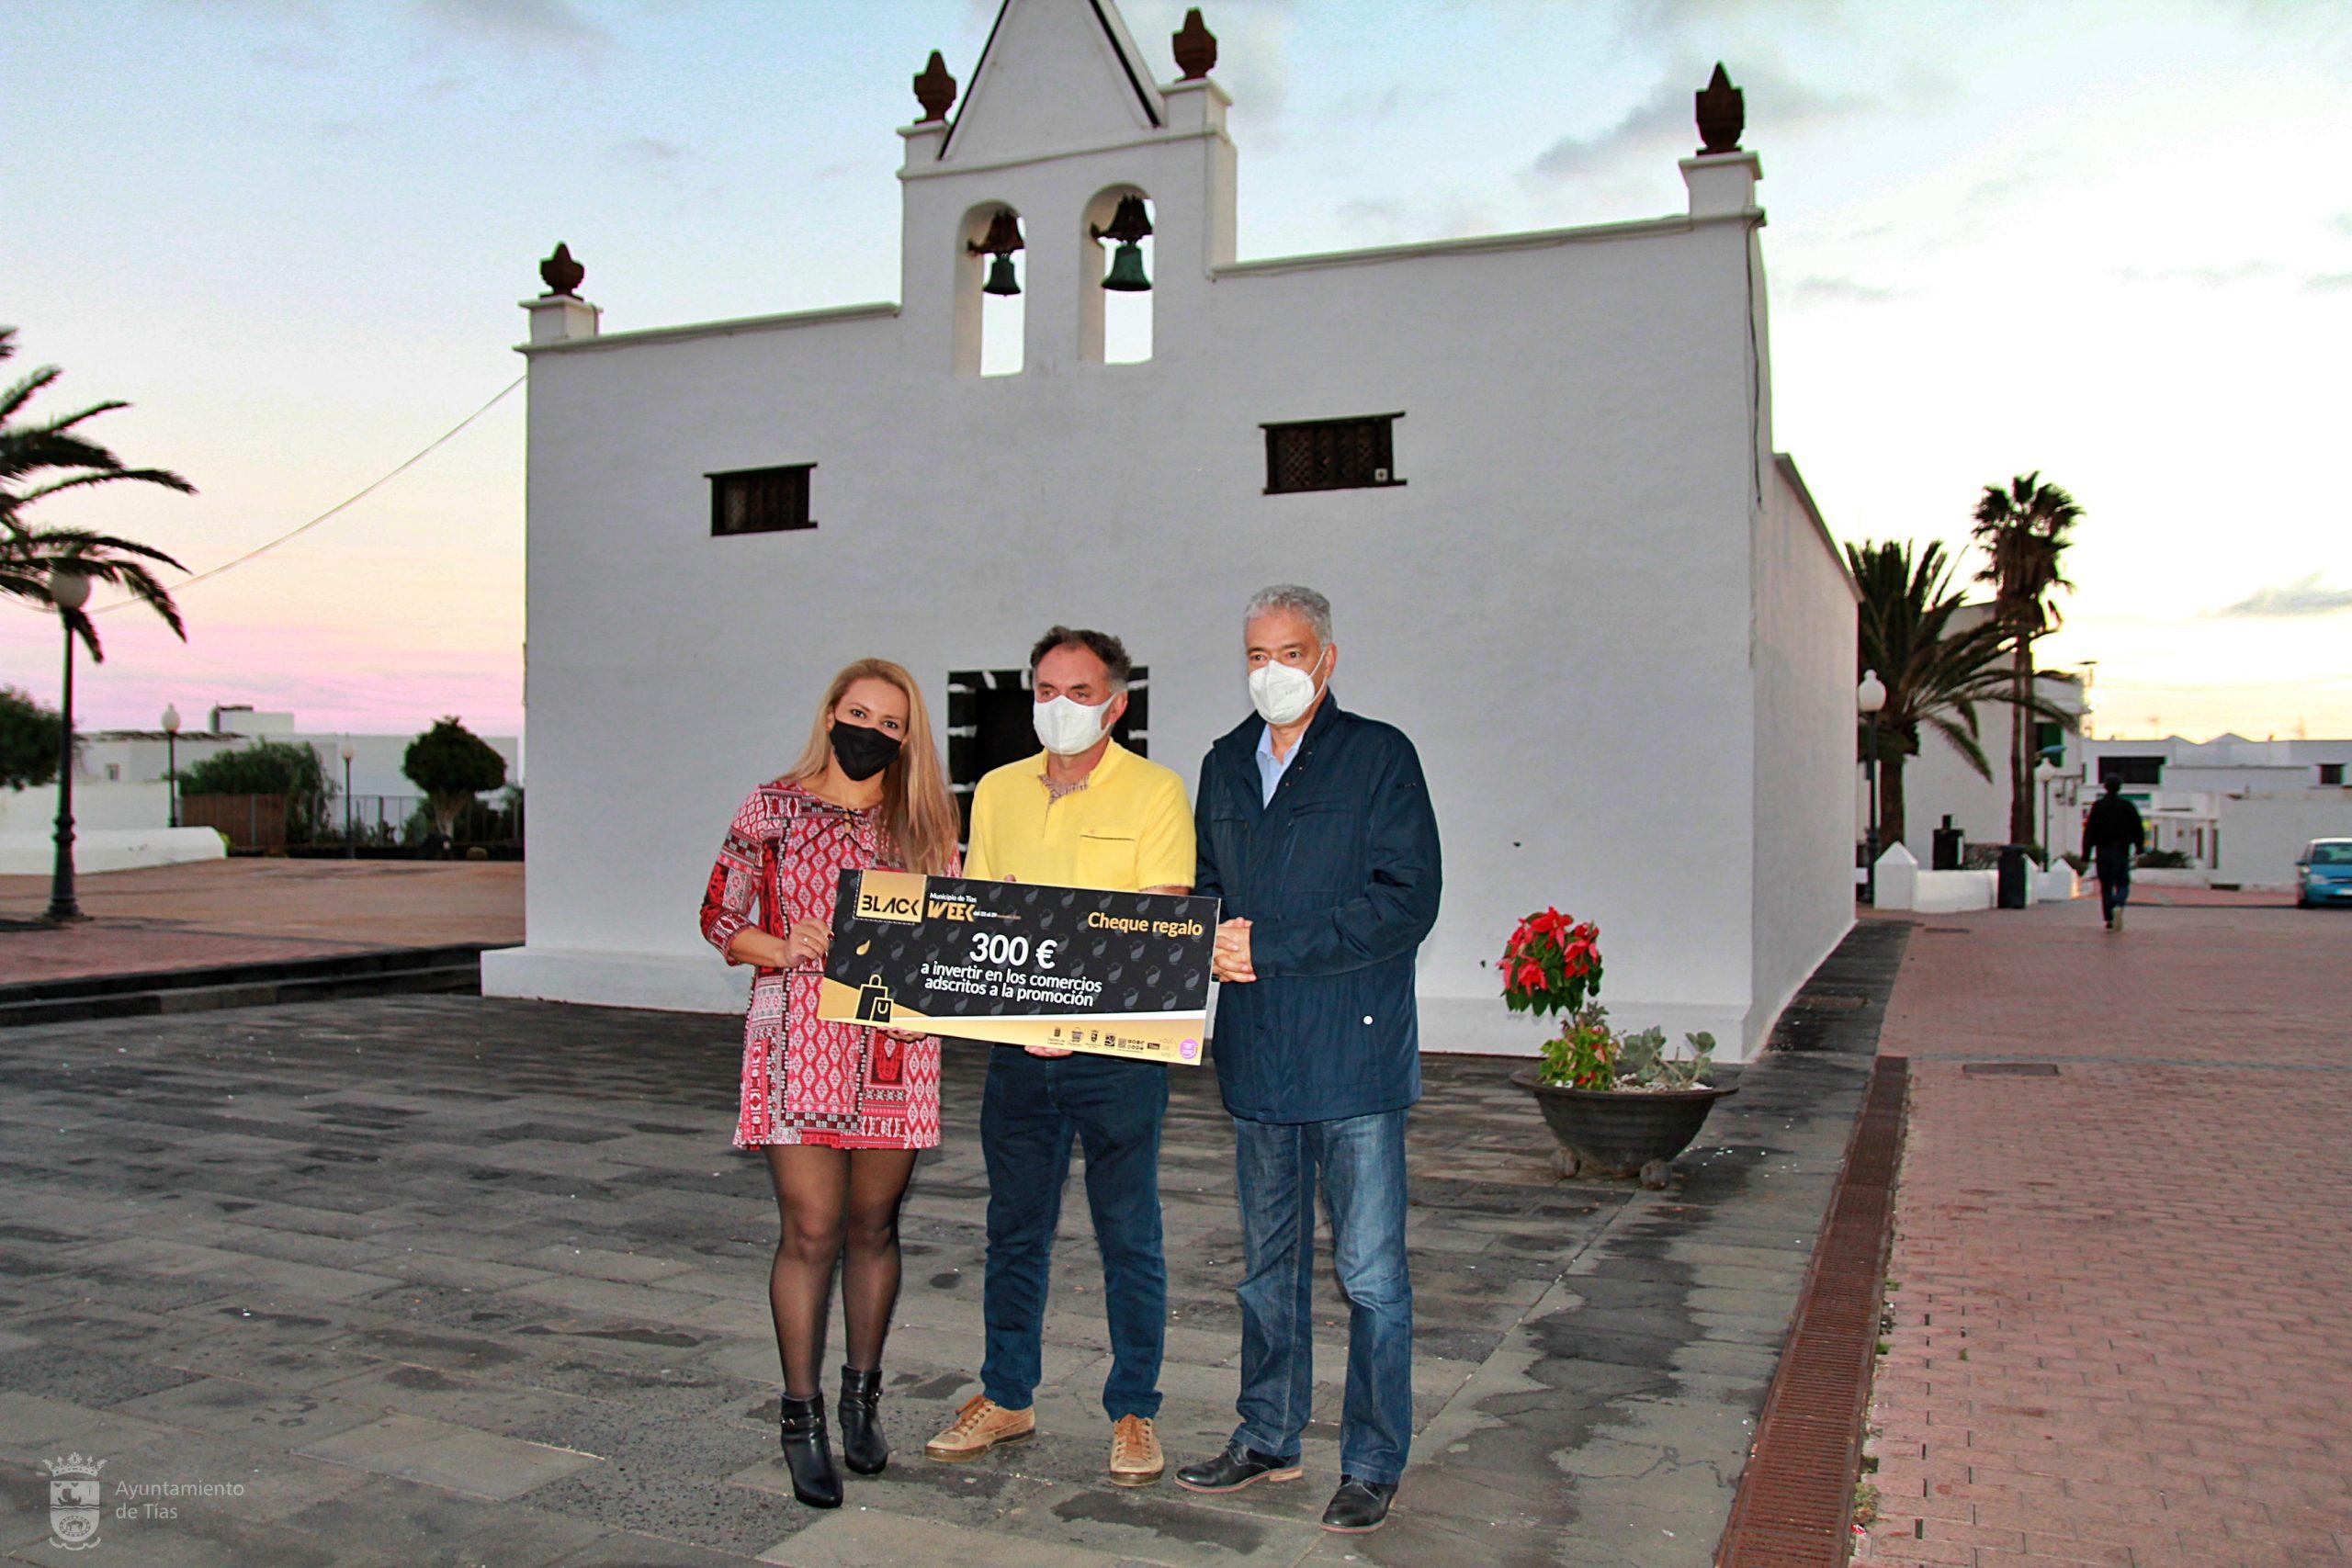 Tías entrega los premios de la campaña de Black Week por el consumo en los comercios del municipio